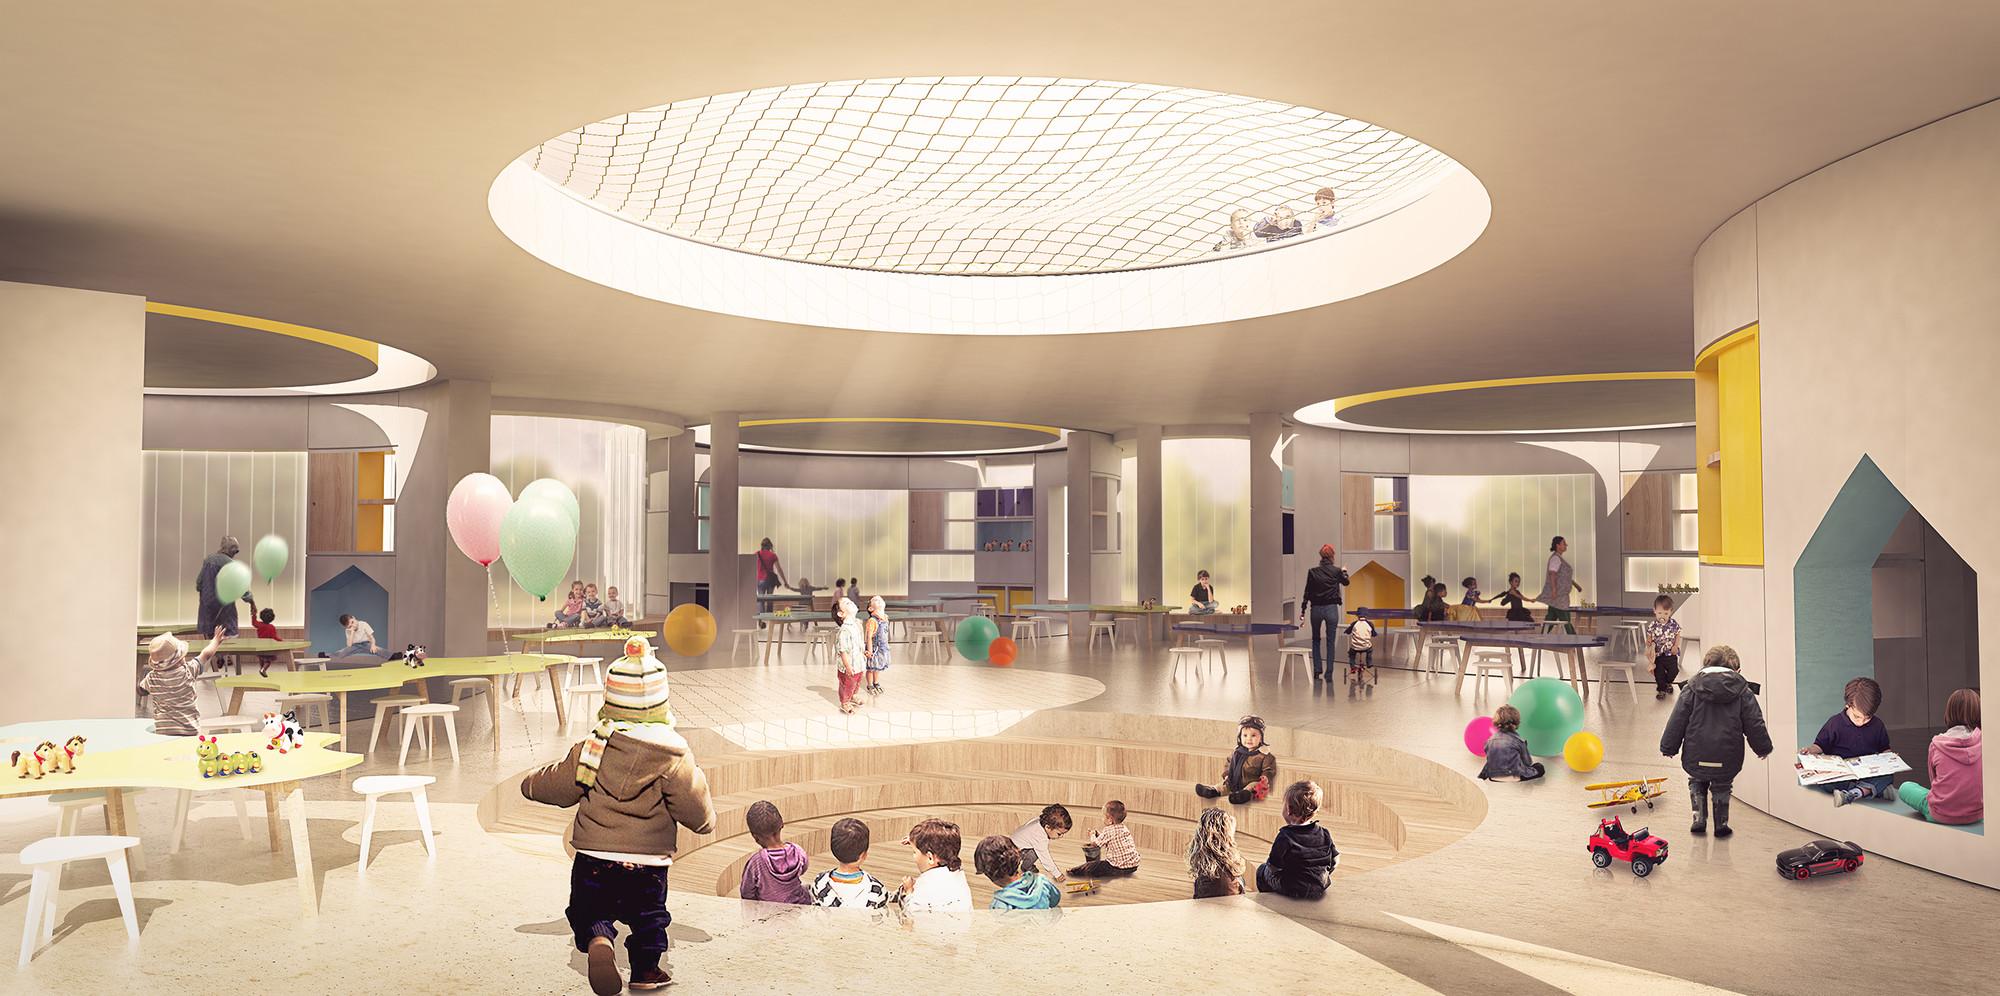 Galer a de fp arquitectura primer lugar en concurso for Diseno de interiores siglo xxi